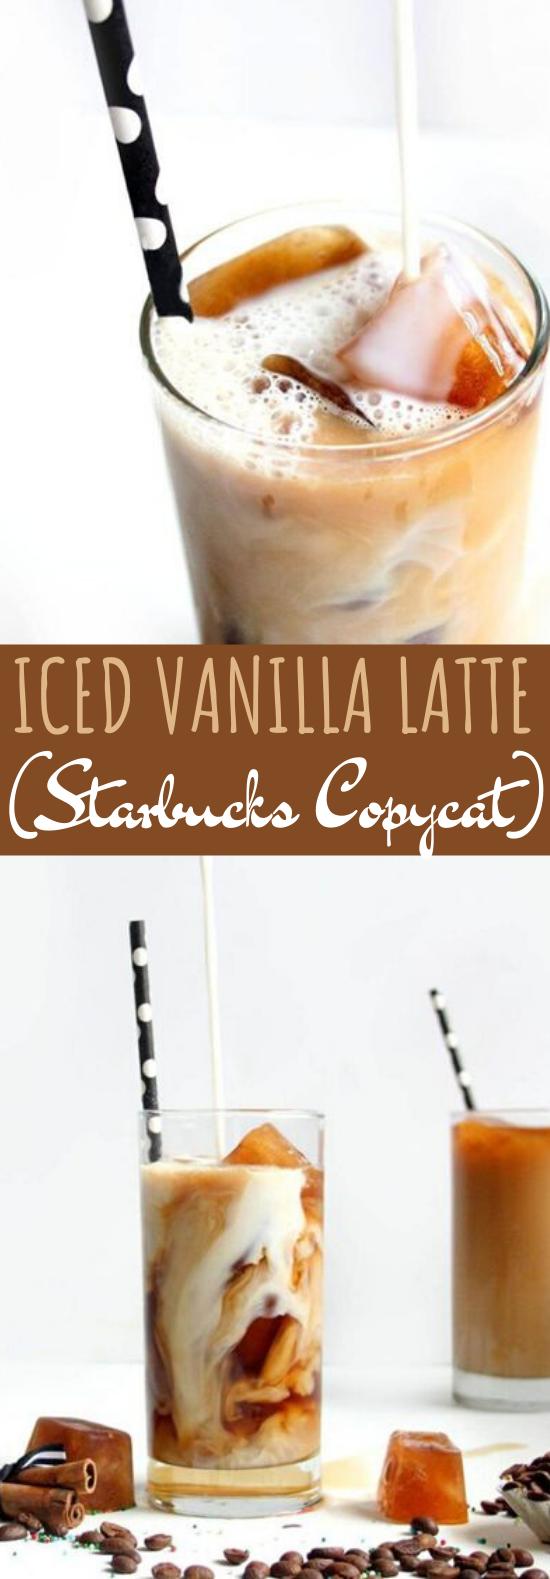 Iced vanilla latte #drinks #latte #iced #coffee #easy